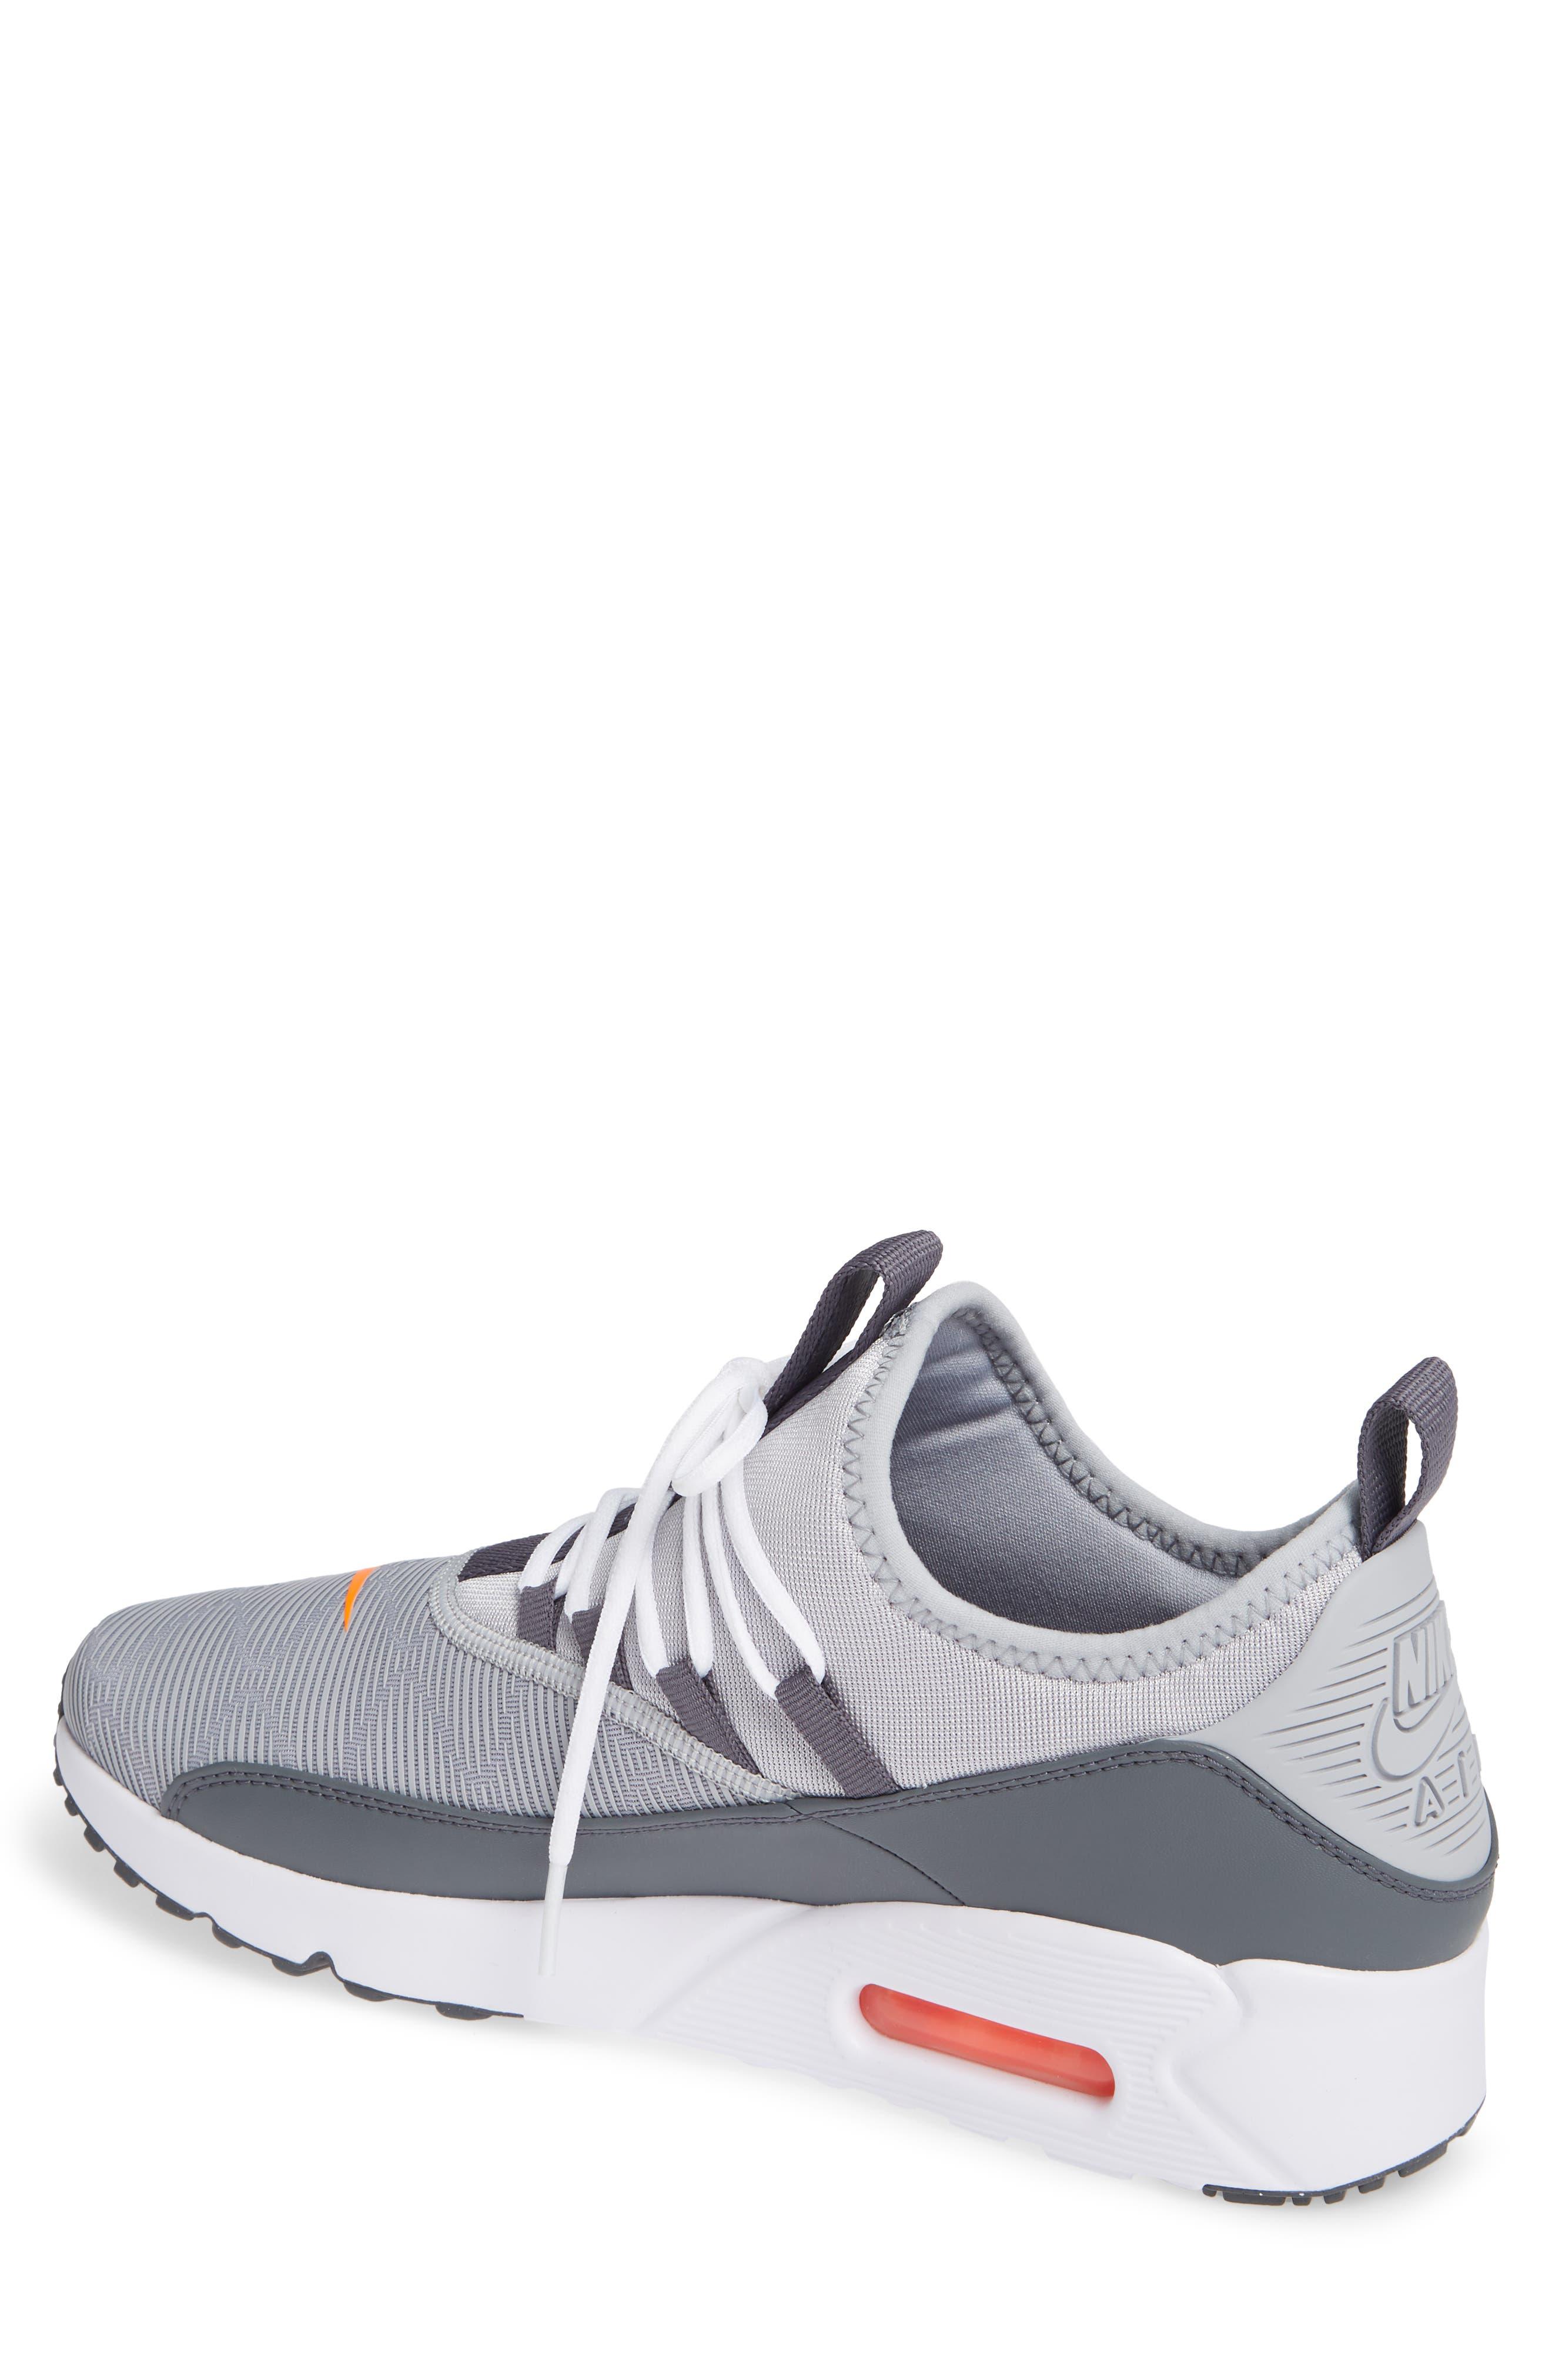 Air Max 90 EZ Sneaker,                             Alternate thumbnail 2, color,                             021